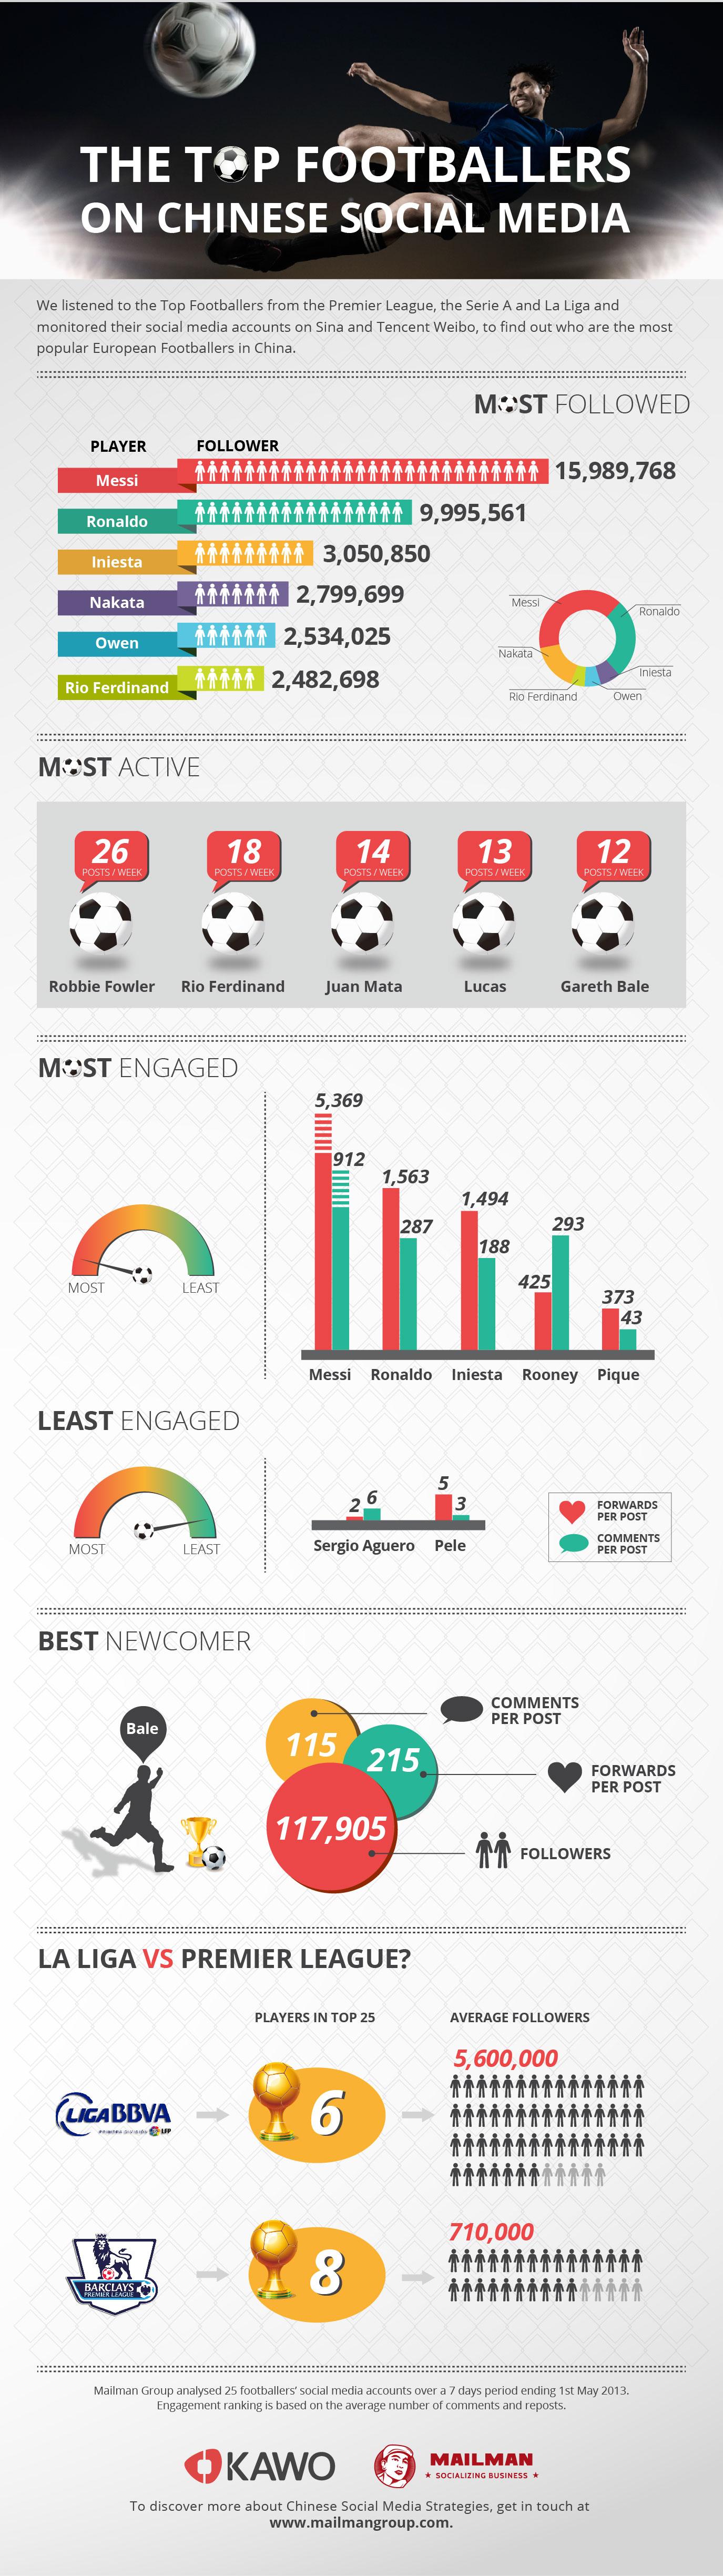 top-footballers-in-chinese-social-media_51871900beee7